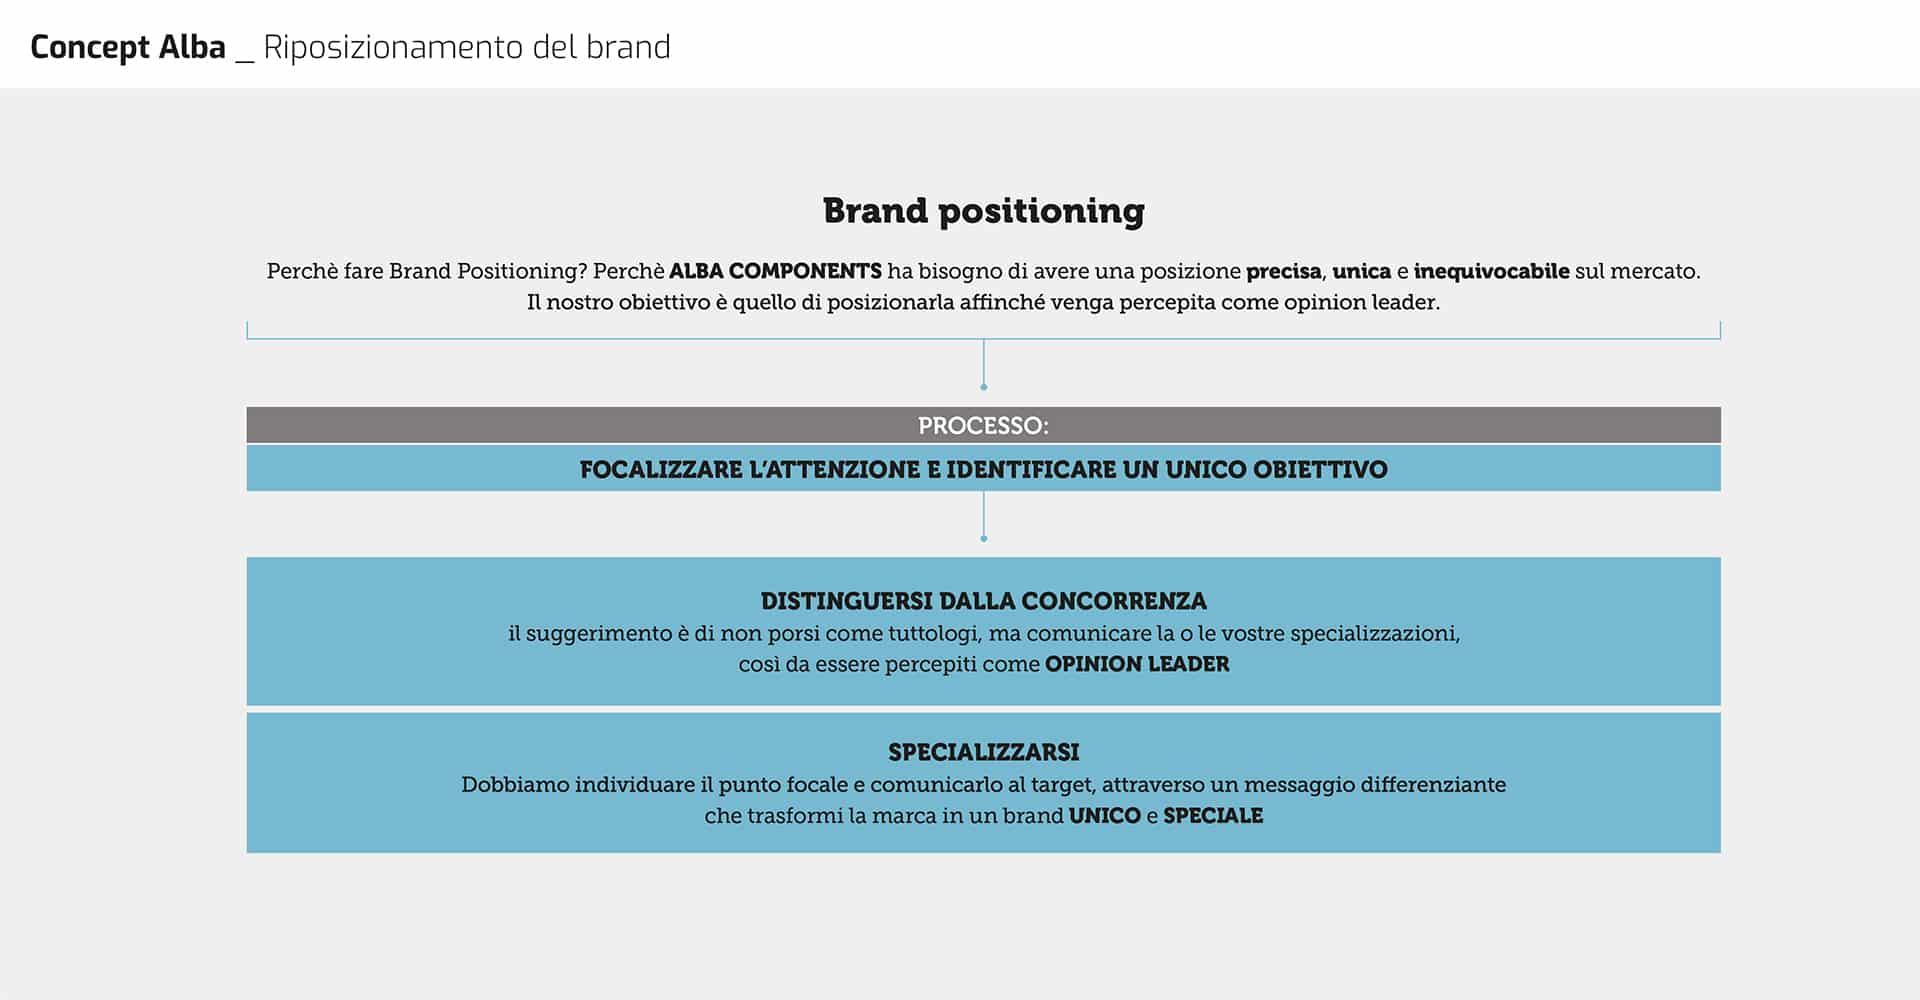 Riposizionamento del Brand